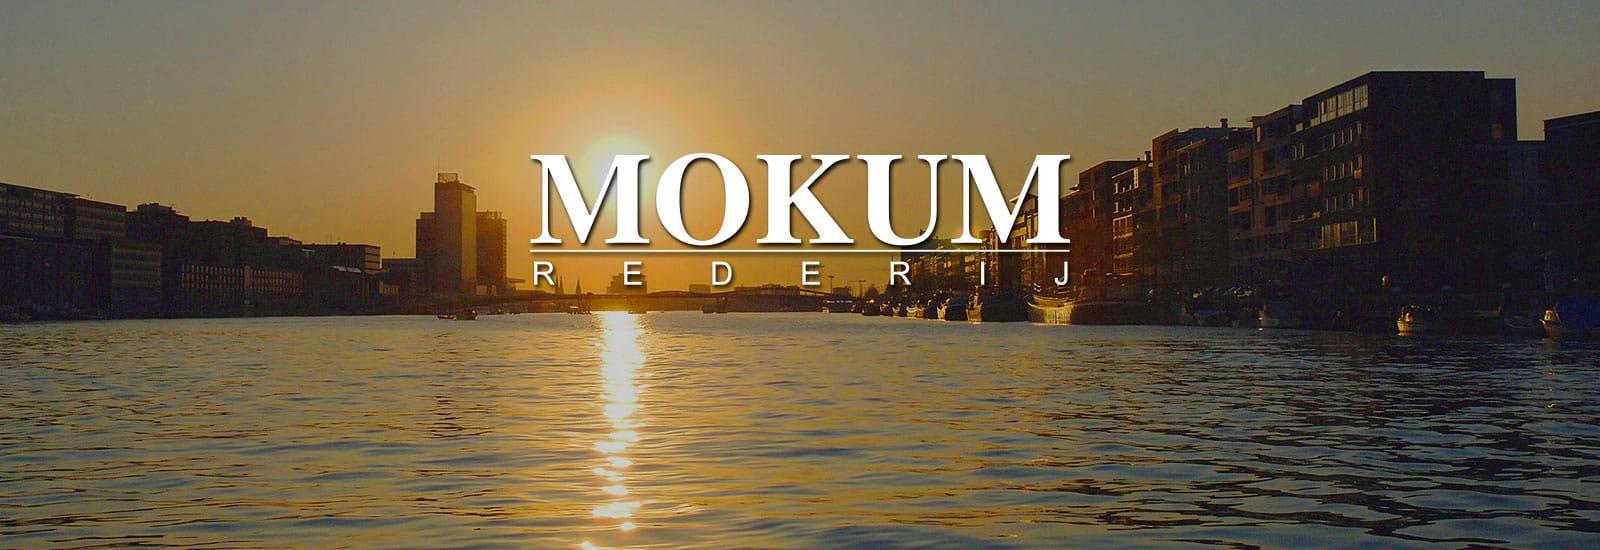 Rederij Mokum Algemene Voorwaarden